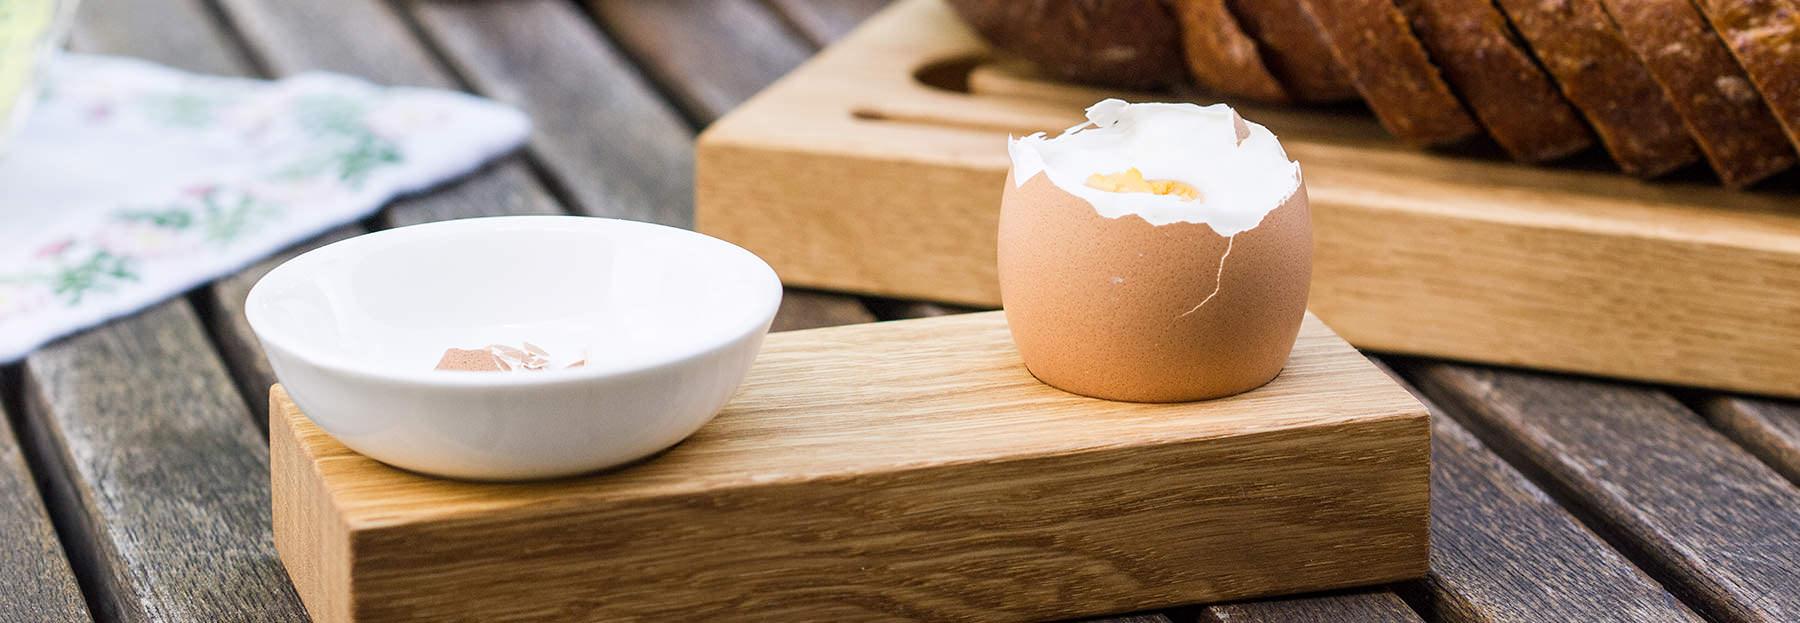 Eierbecher  klotzaufklotz  Exzellente Holzprodukte